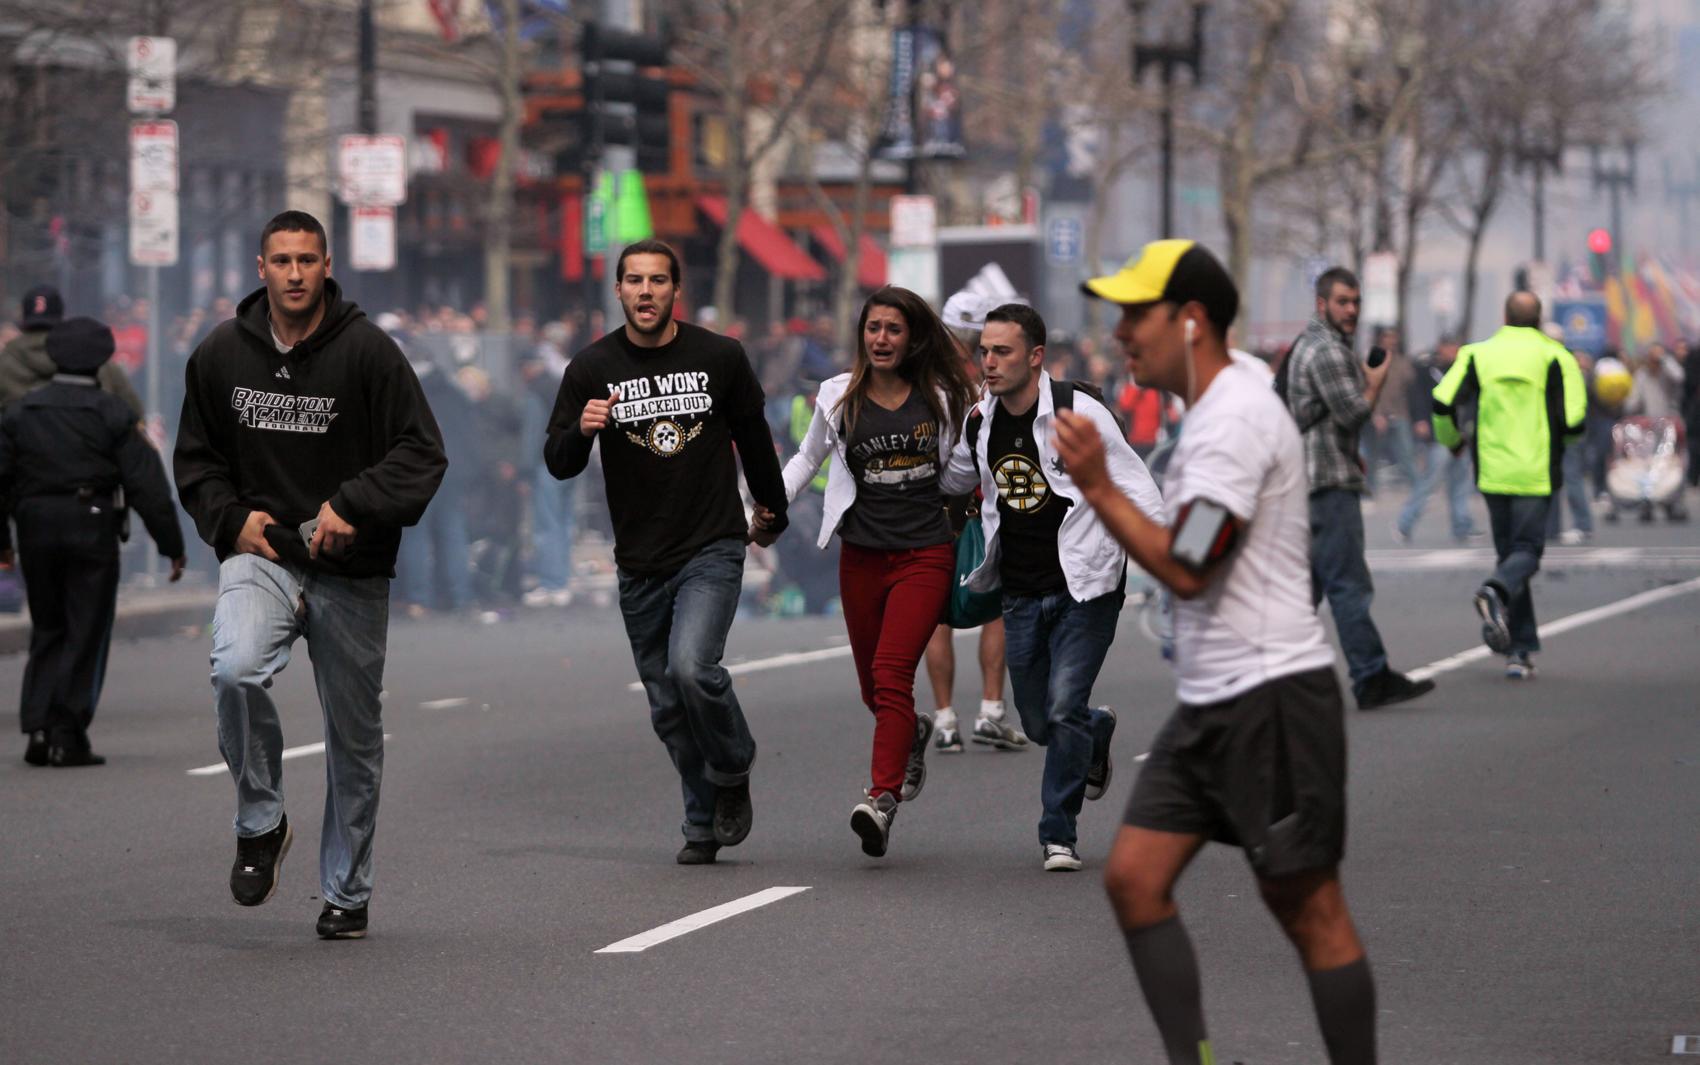 Pessoas que assistiam a maratona deixam correndo local próximo da explosão.